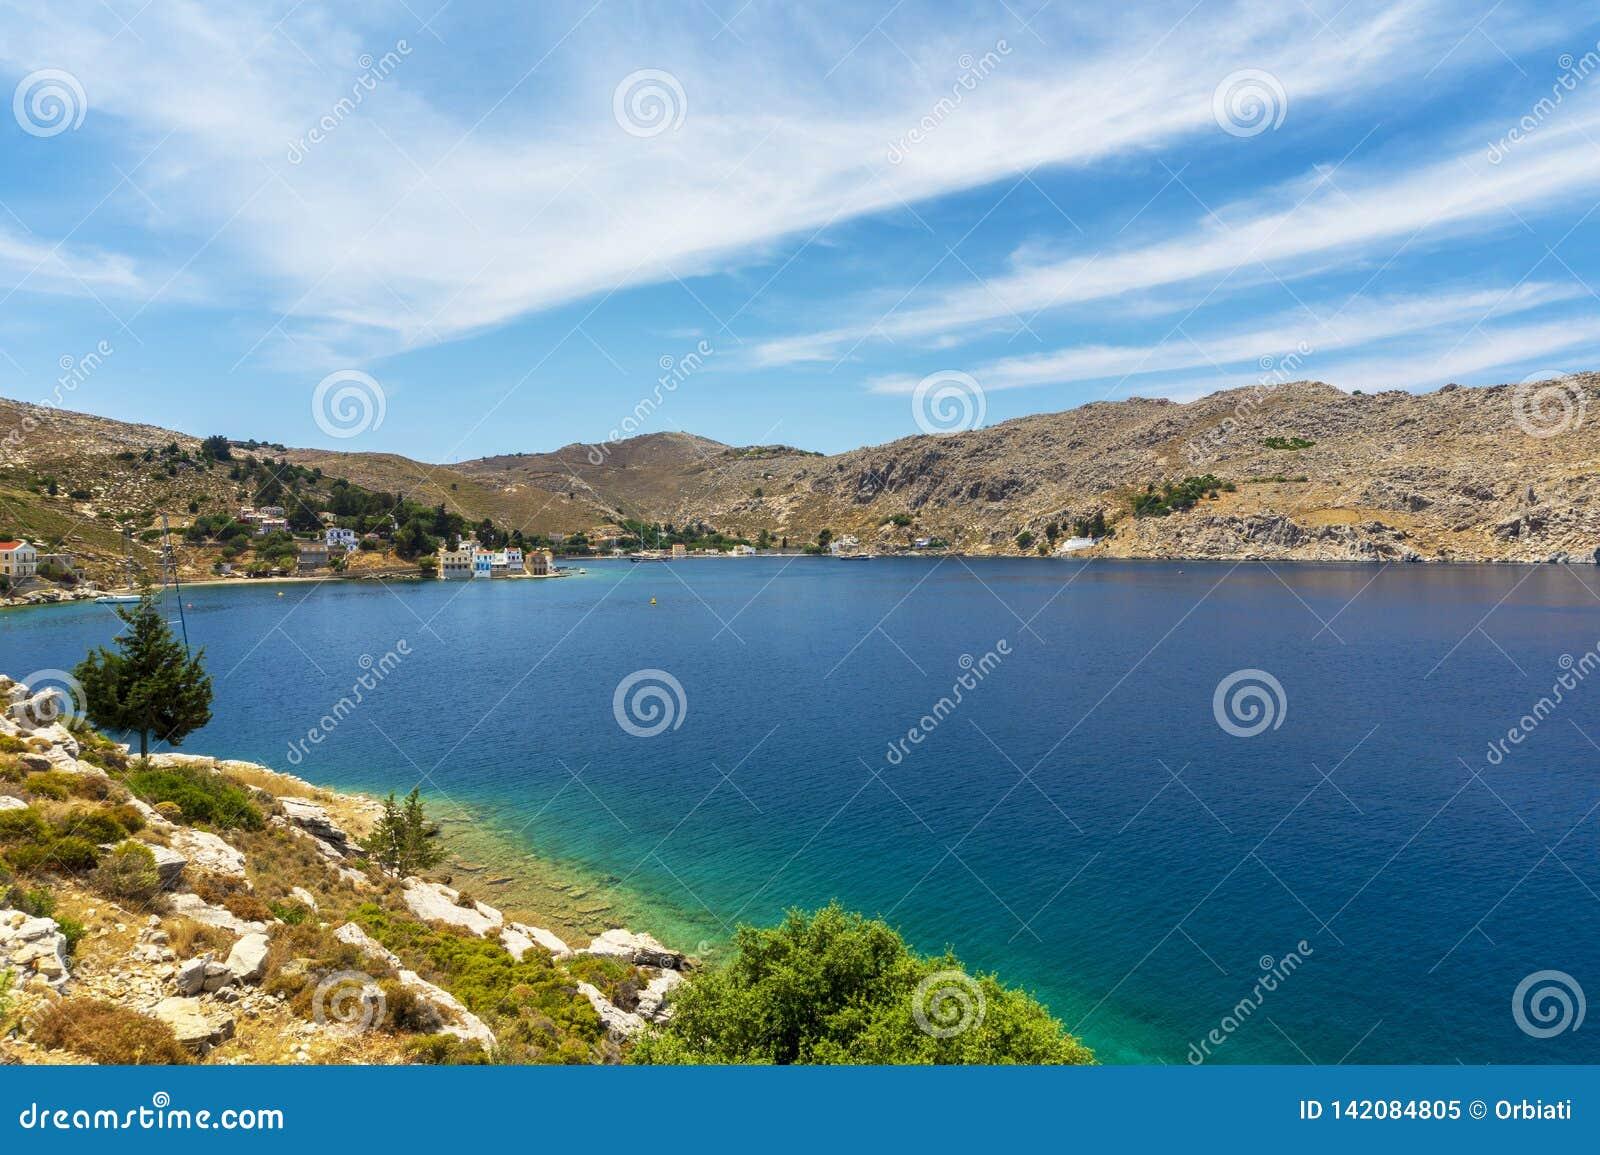 Baía mágica na ilha de Symi